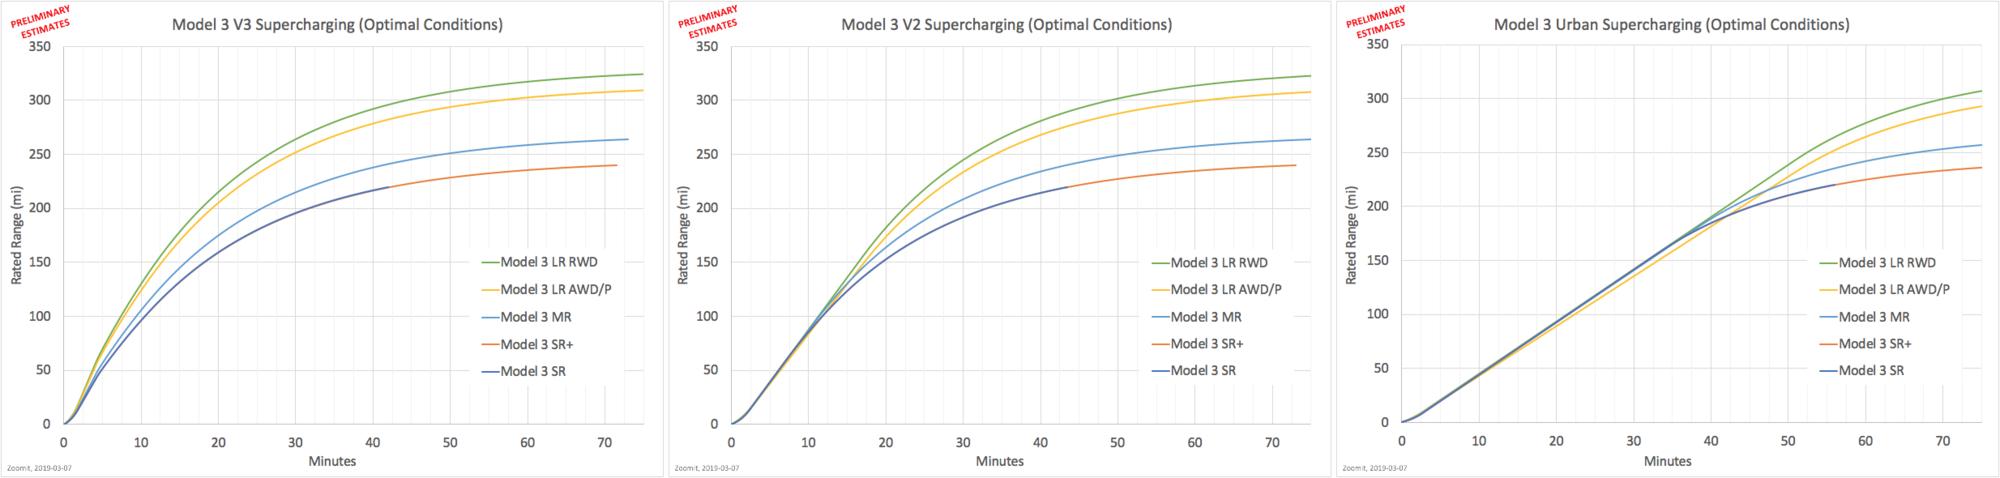 20190308, Mod3 Range over Time.png